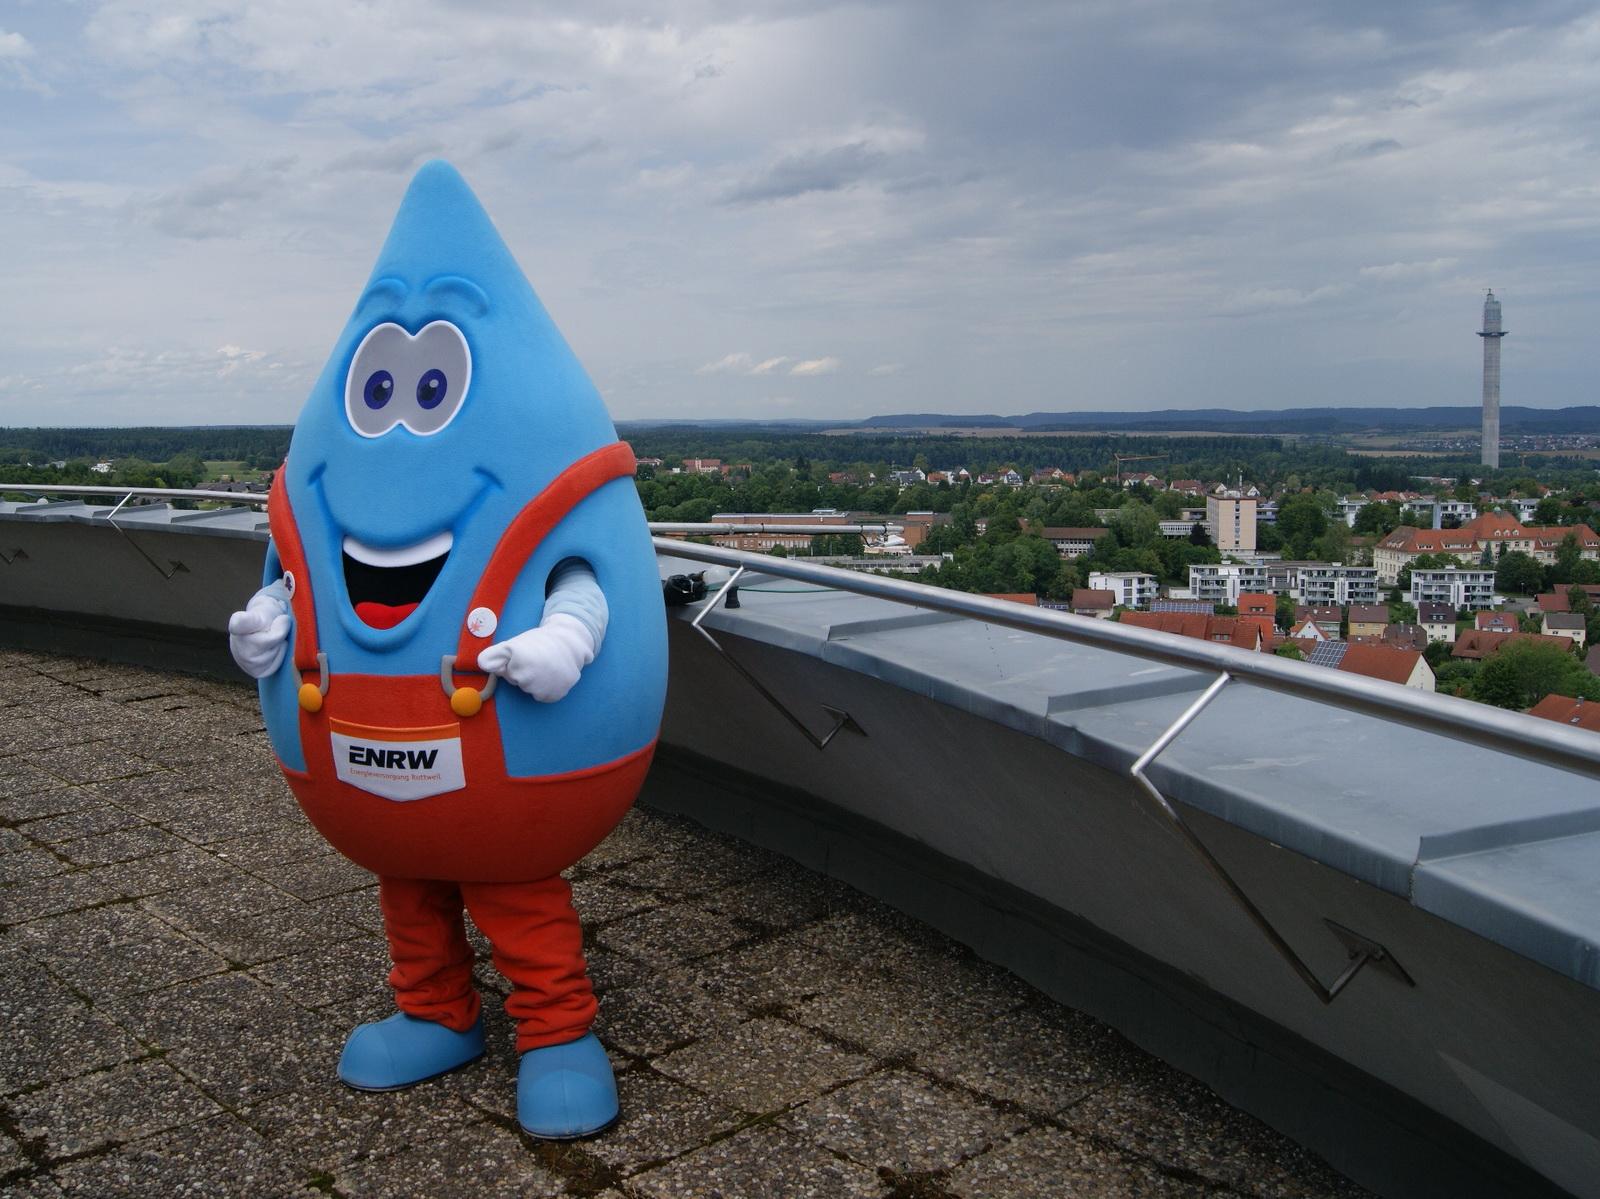 Eierflugwettbewerb 2017: Blubbi auf dem Wasserturm